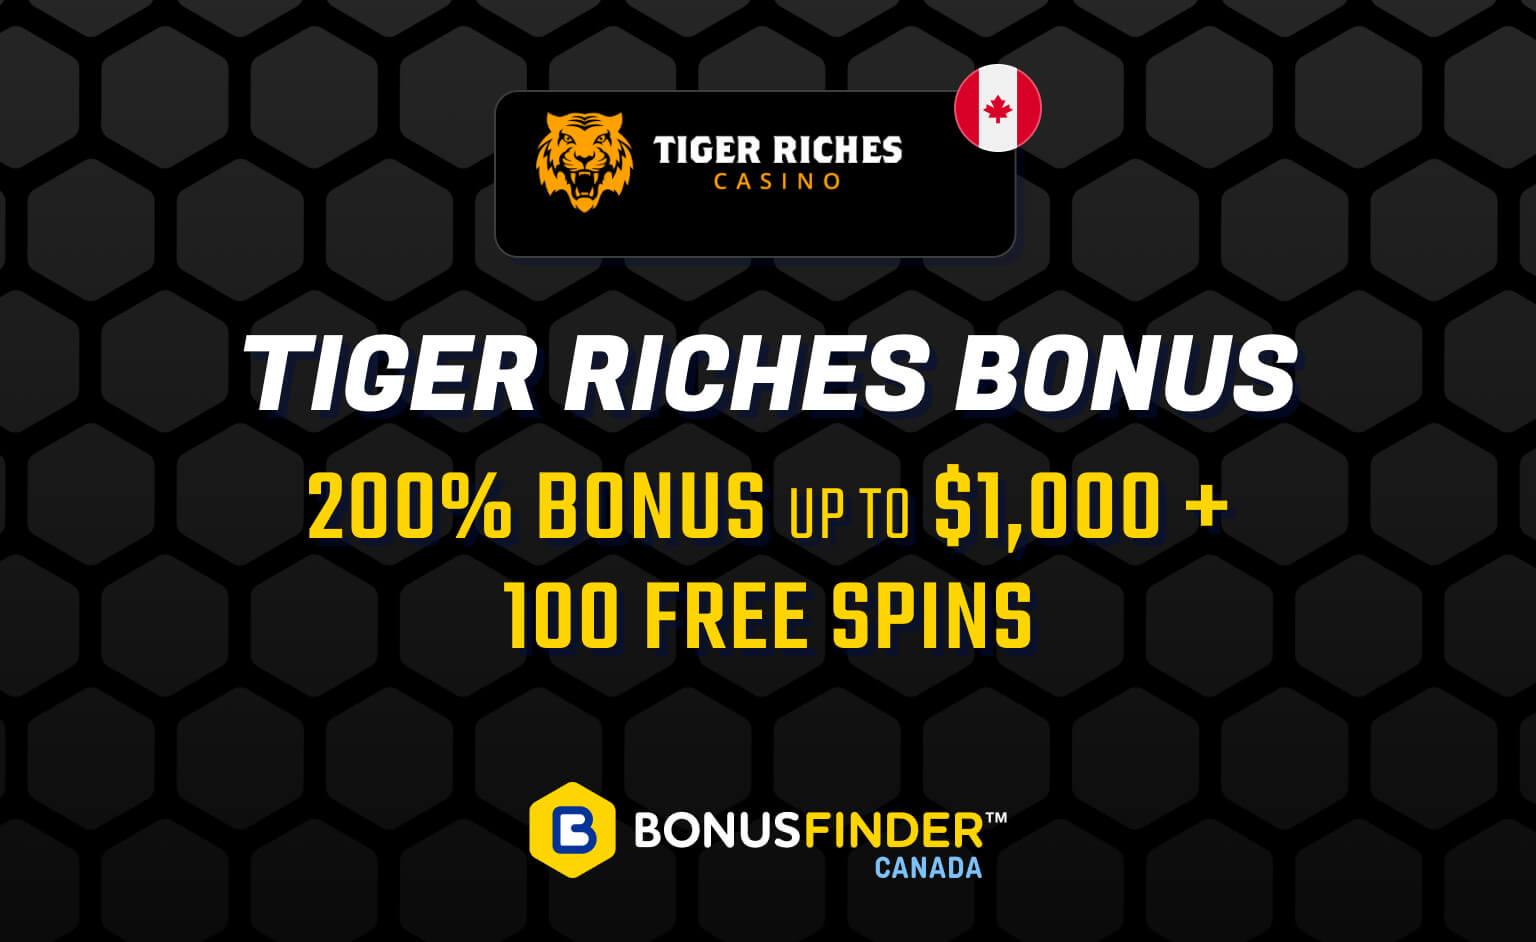 Tiger Riches Bonus